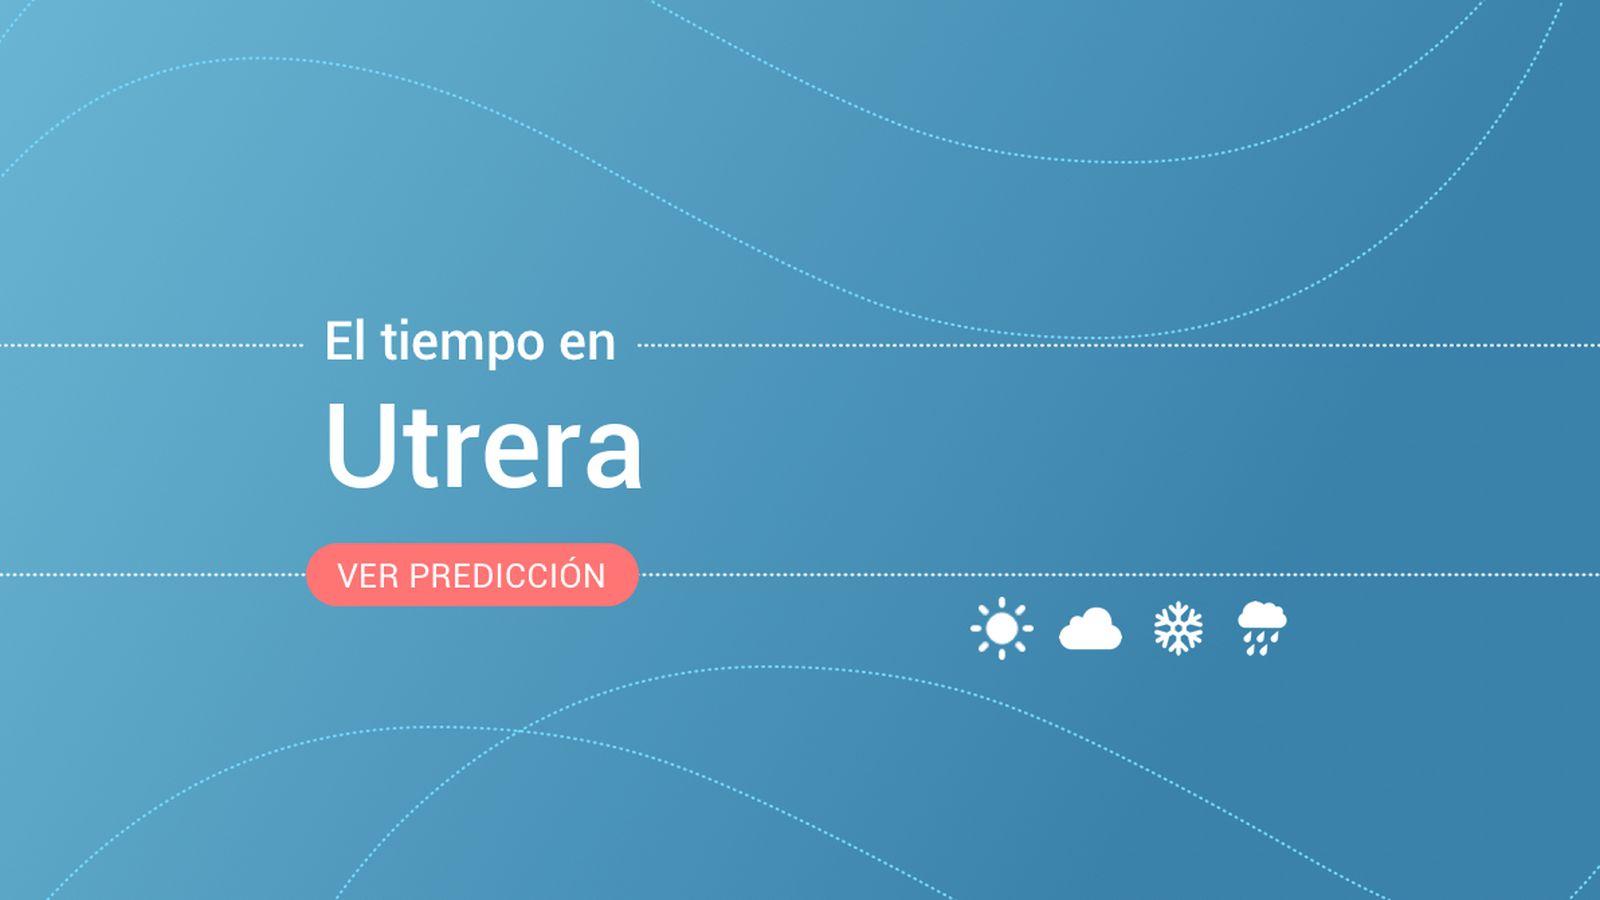 Foto: El tiempo en Utrera. (EC)